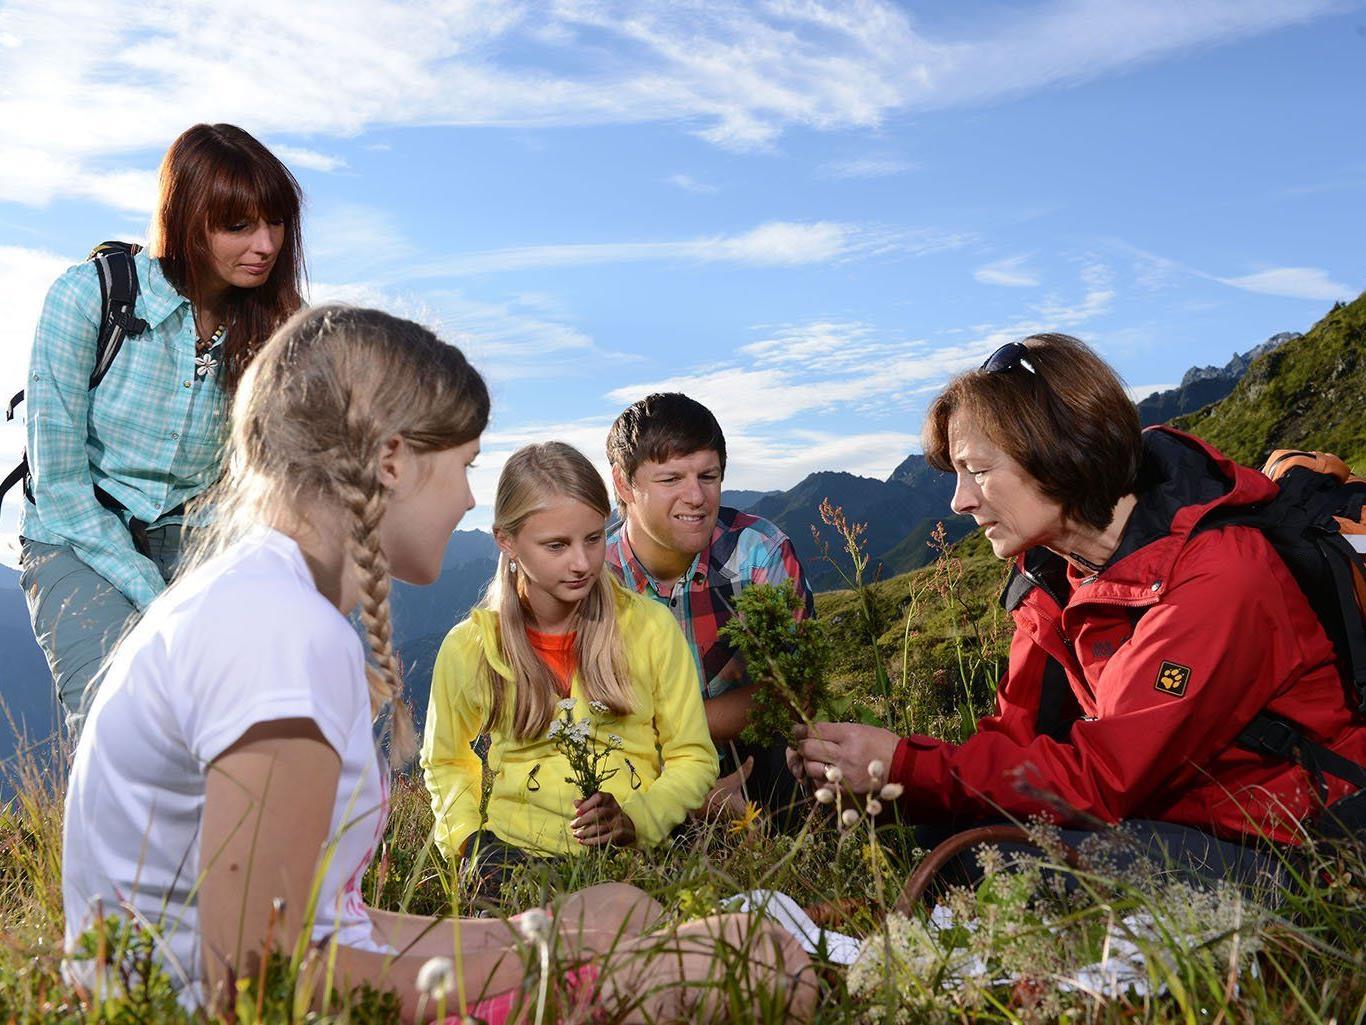 Die Kräuterwanderung ist eines der Highlights des Sommerprogramms in der Silvretta Montafon.